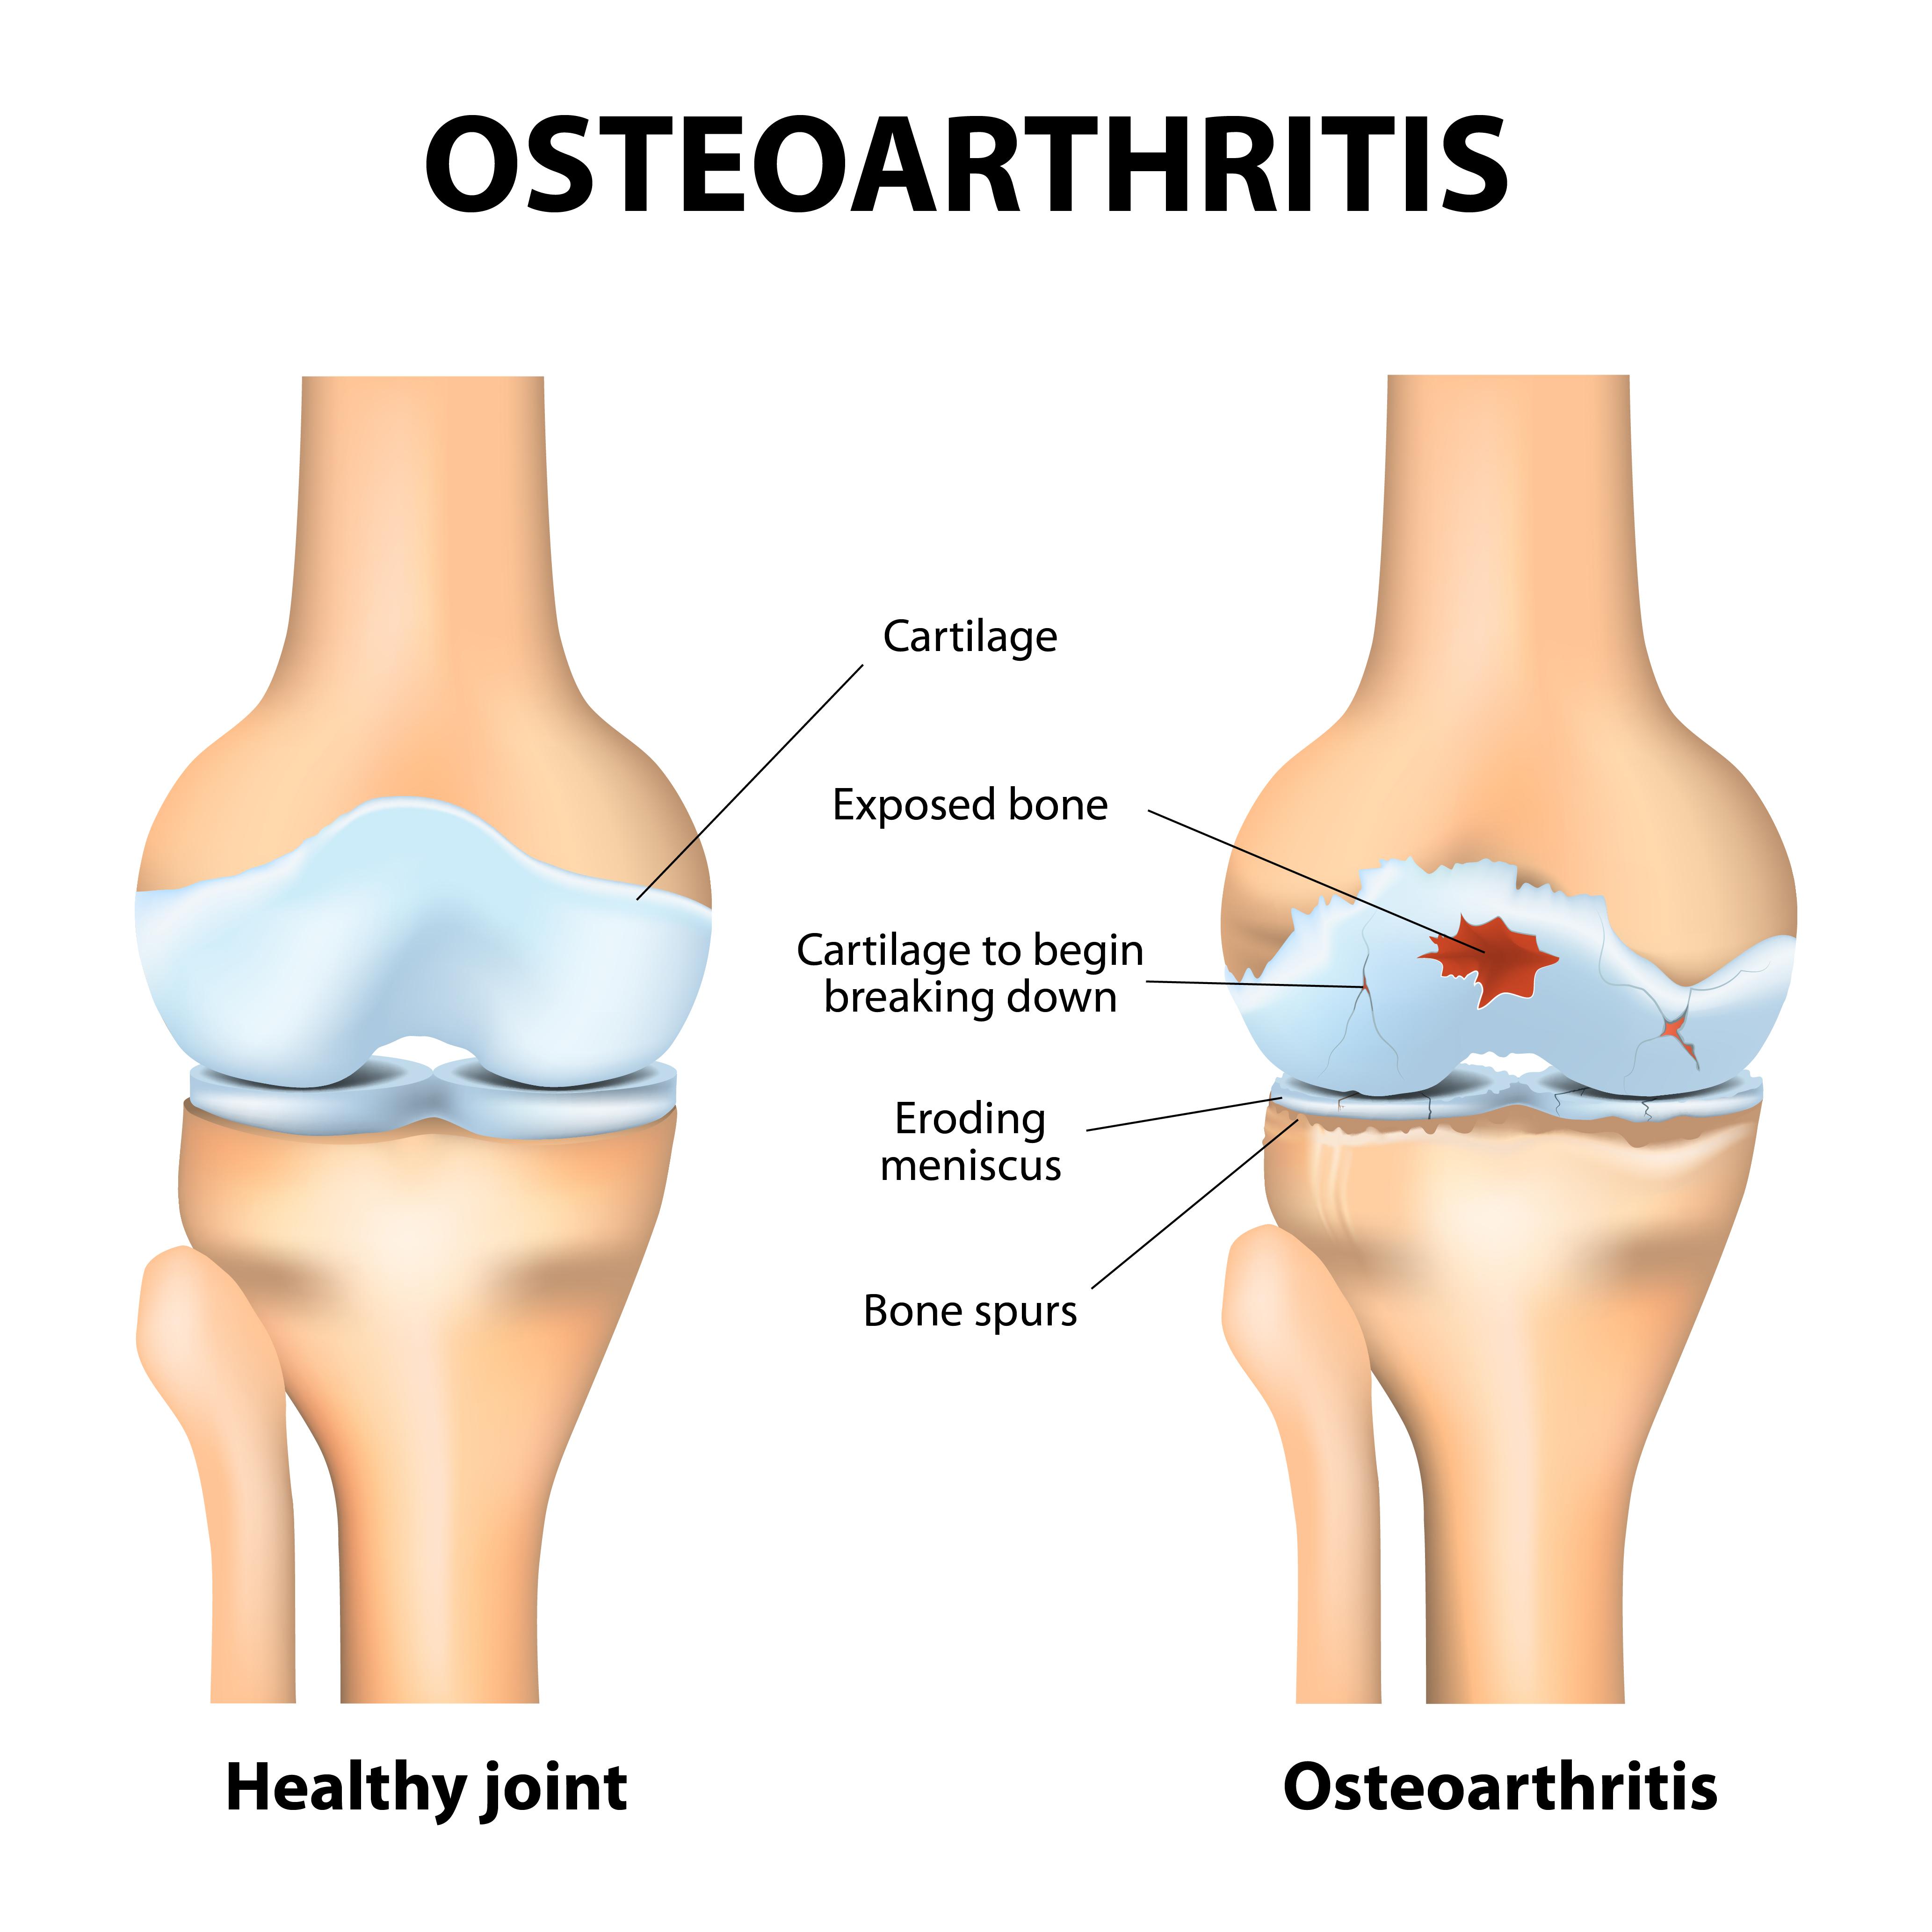 Arthrose Définition : Qu'est-ce Que L'arthrose